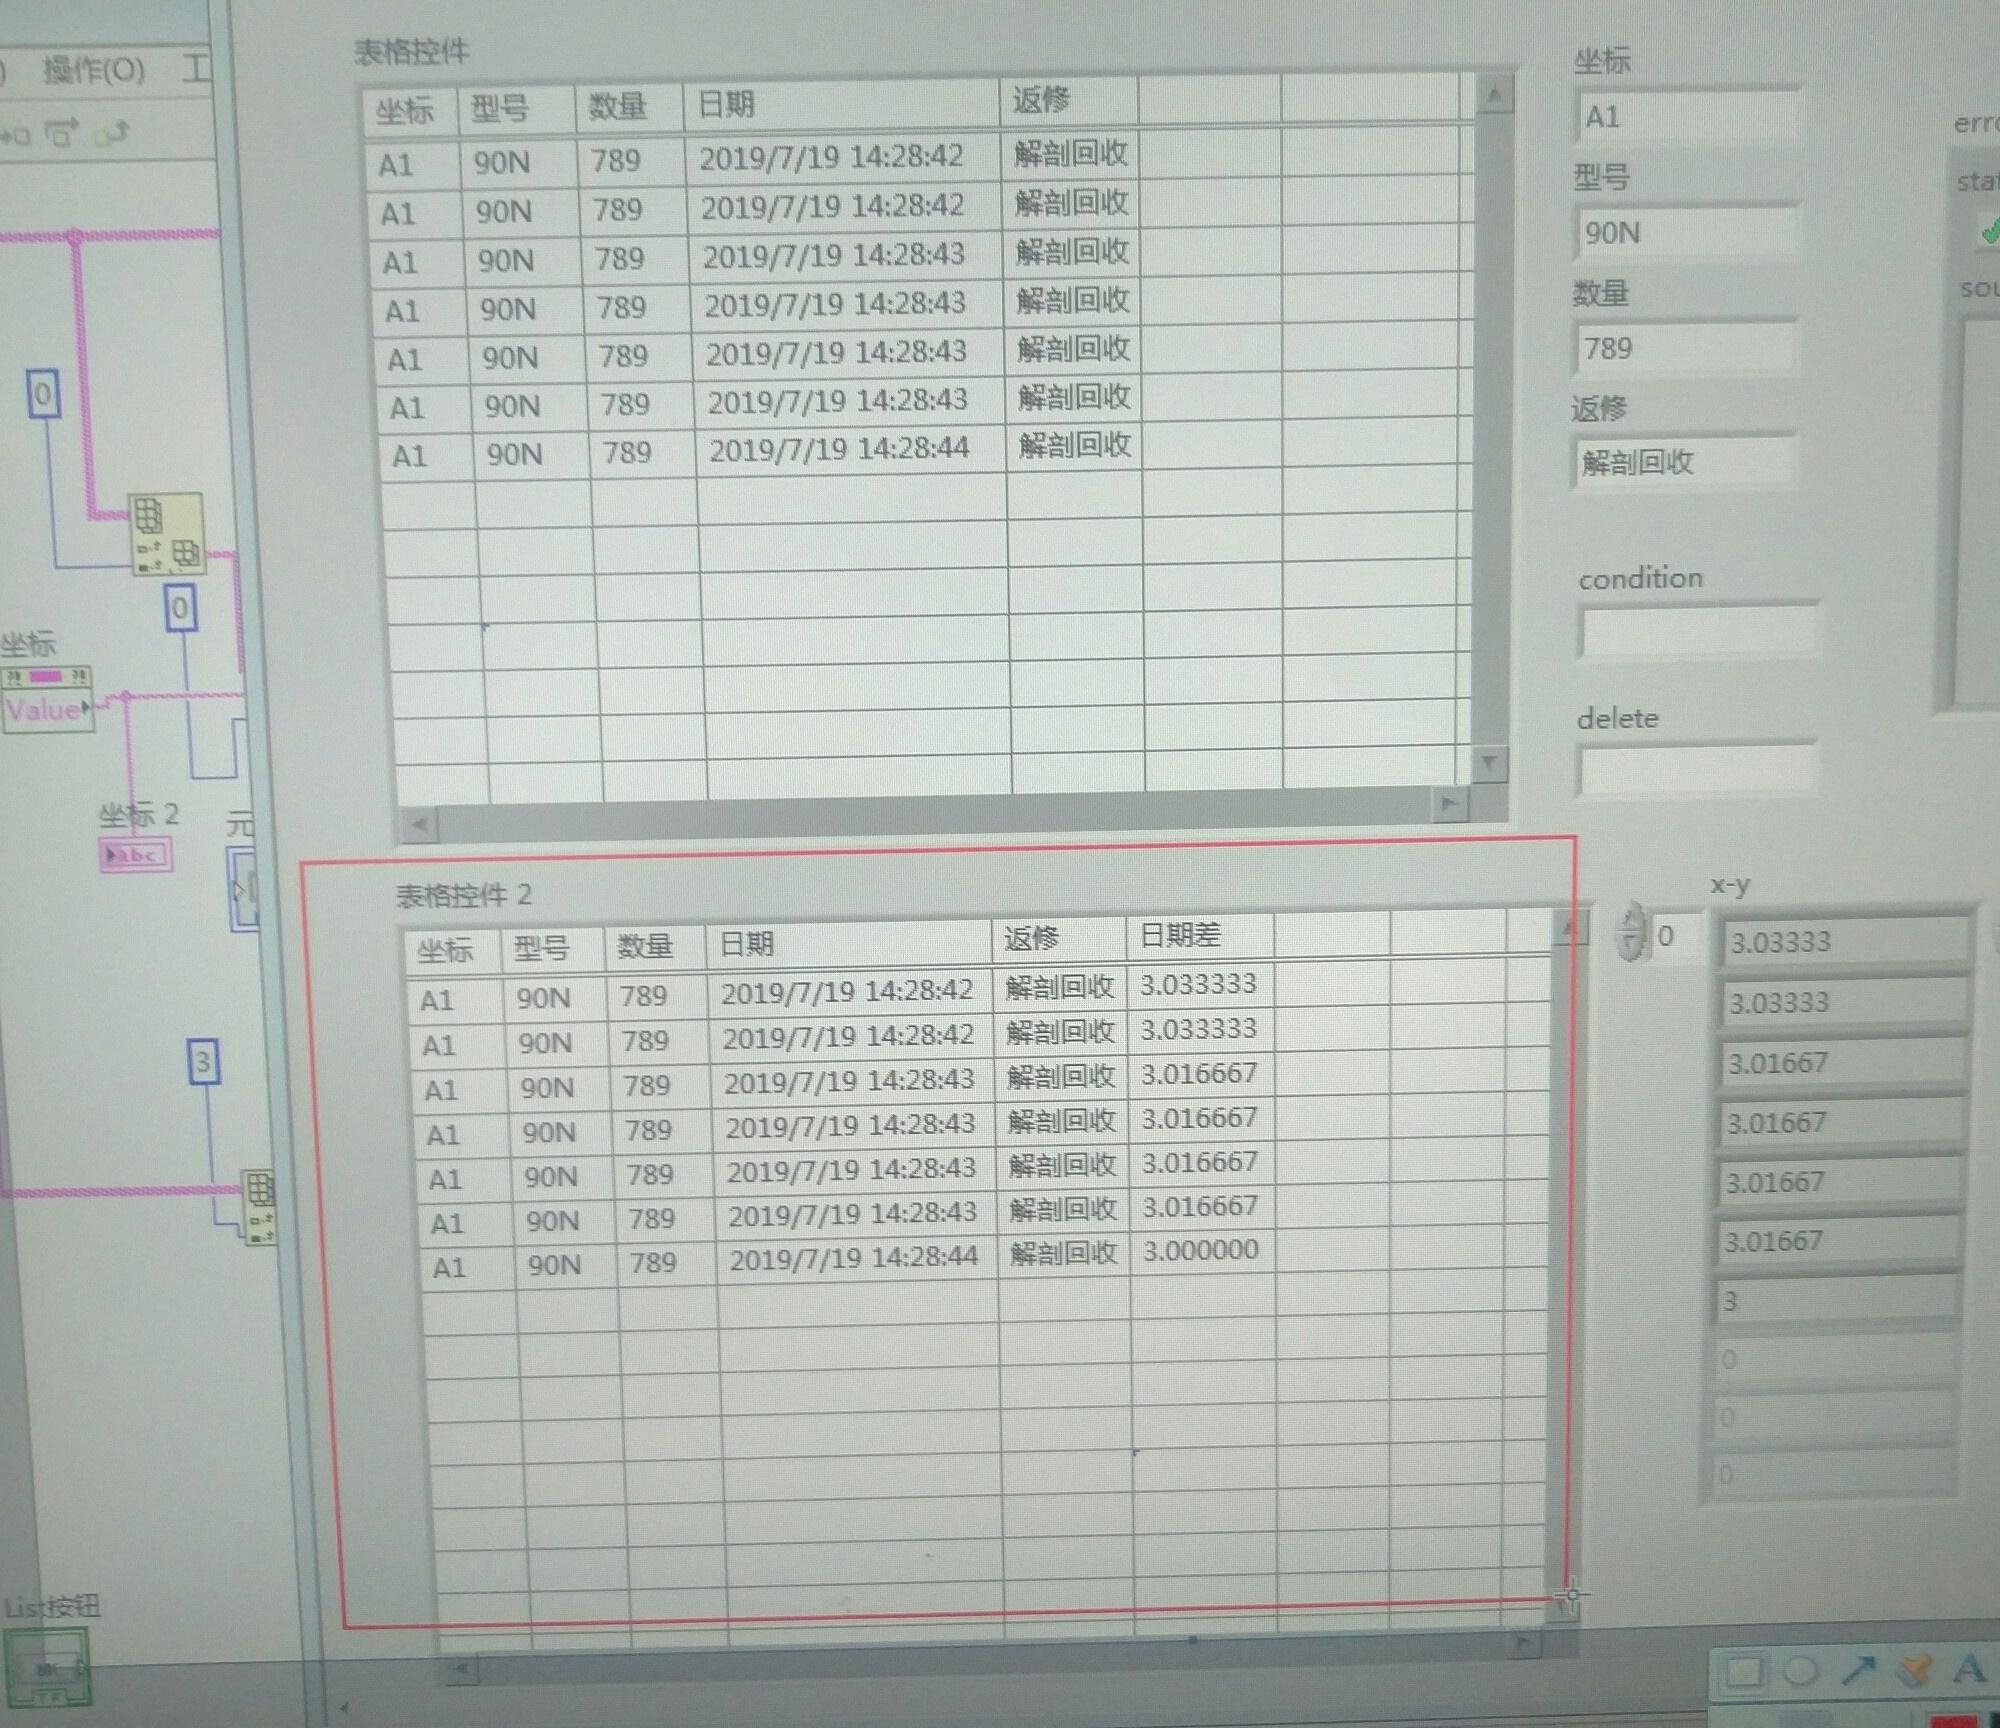 在labview如何把一維數組或表格控件內容直接寫入到ACCESS中